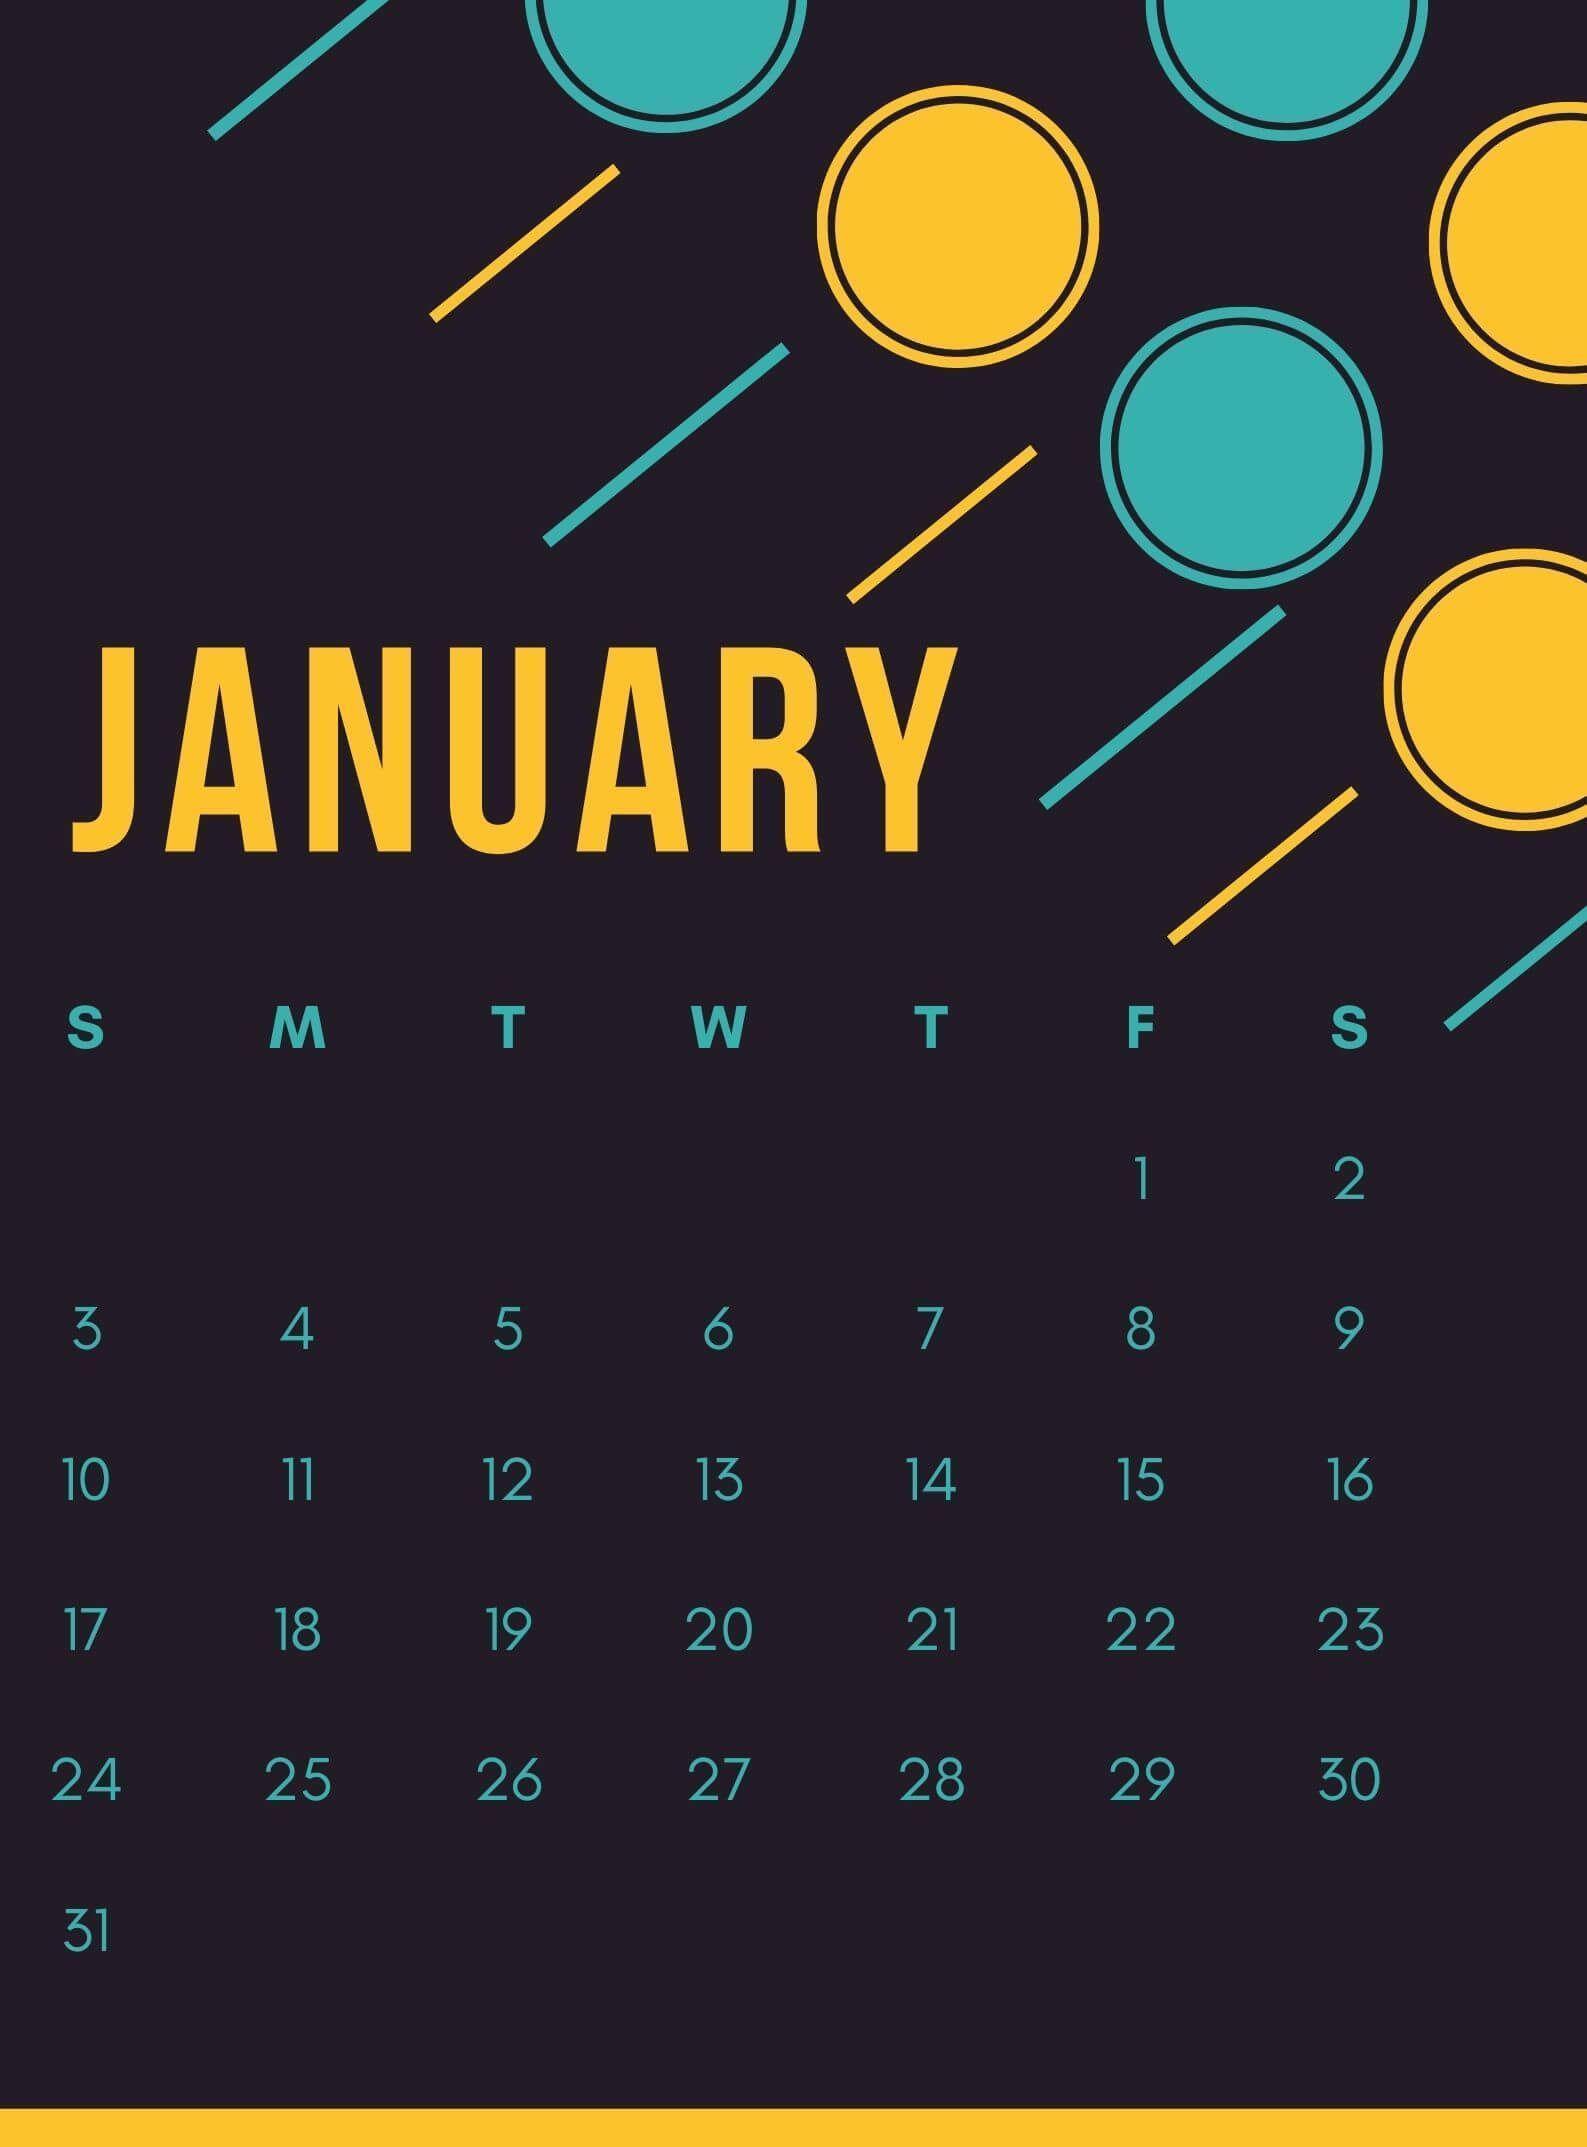 January 2021 Calendar Wallpaper for iPhone 2021 calendar 1587x2147